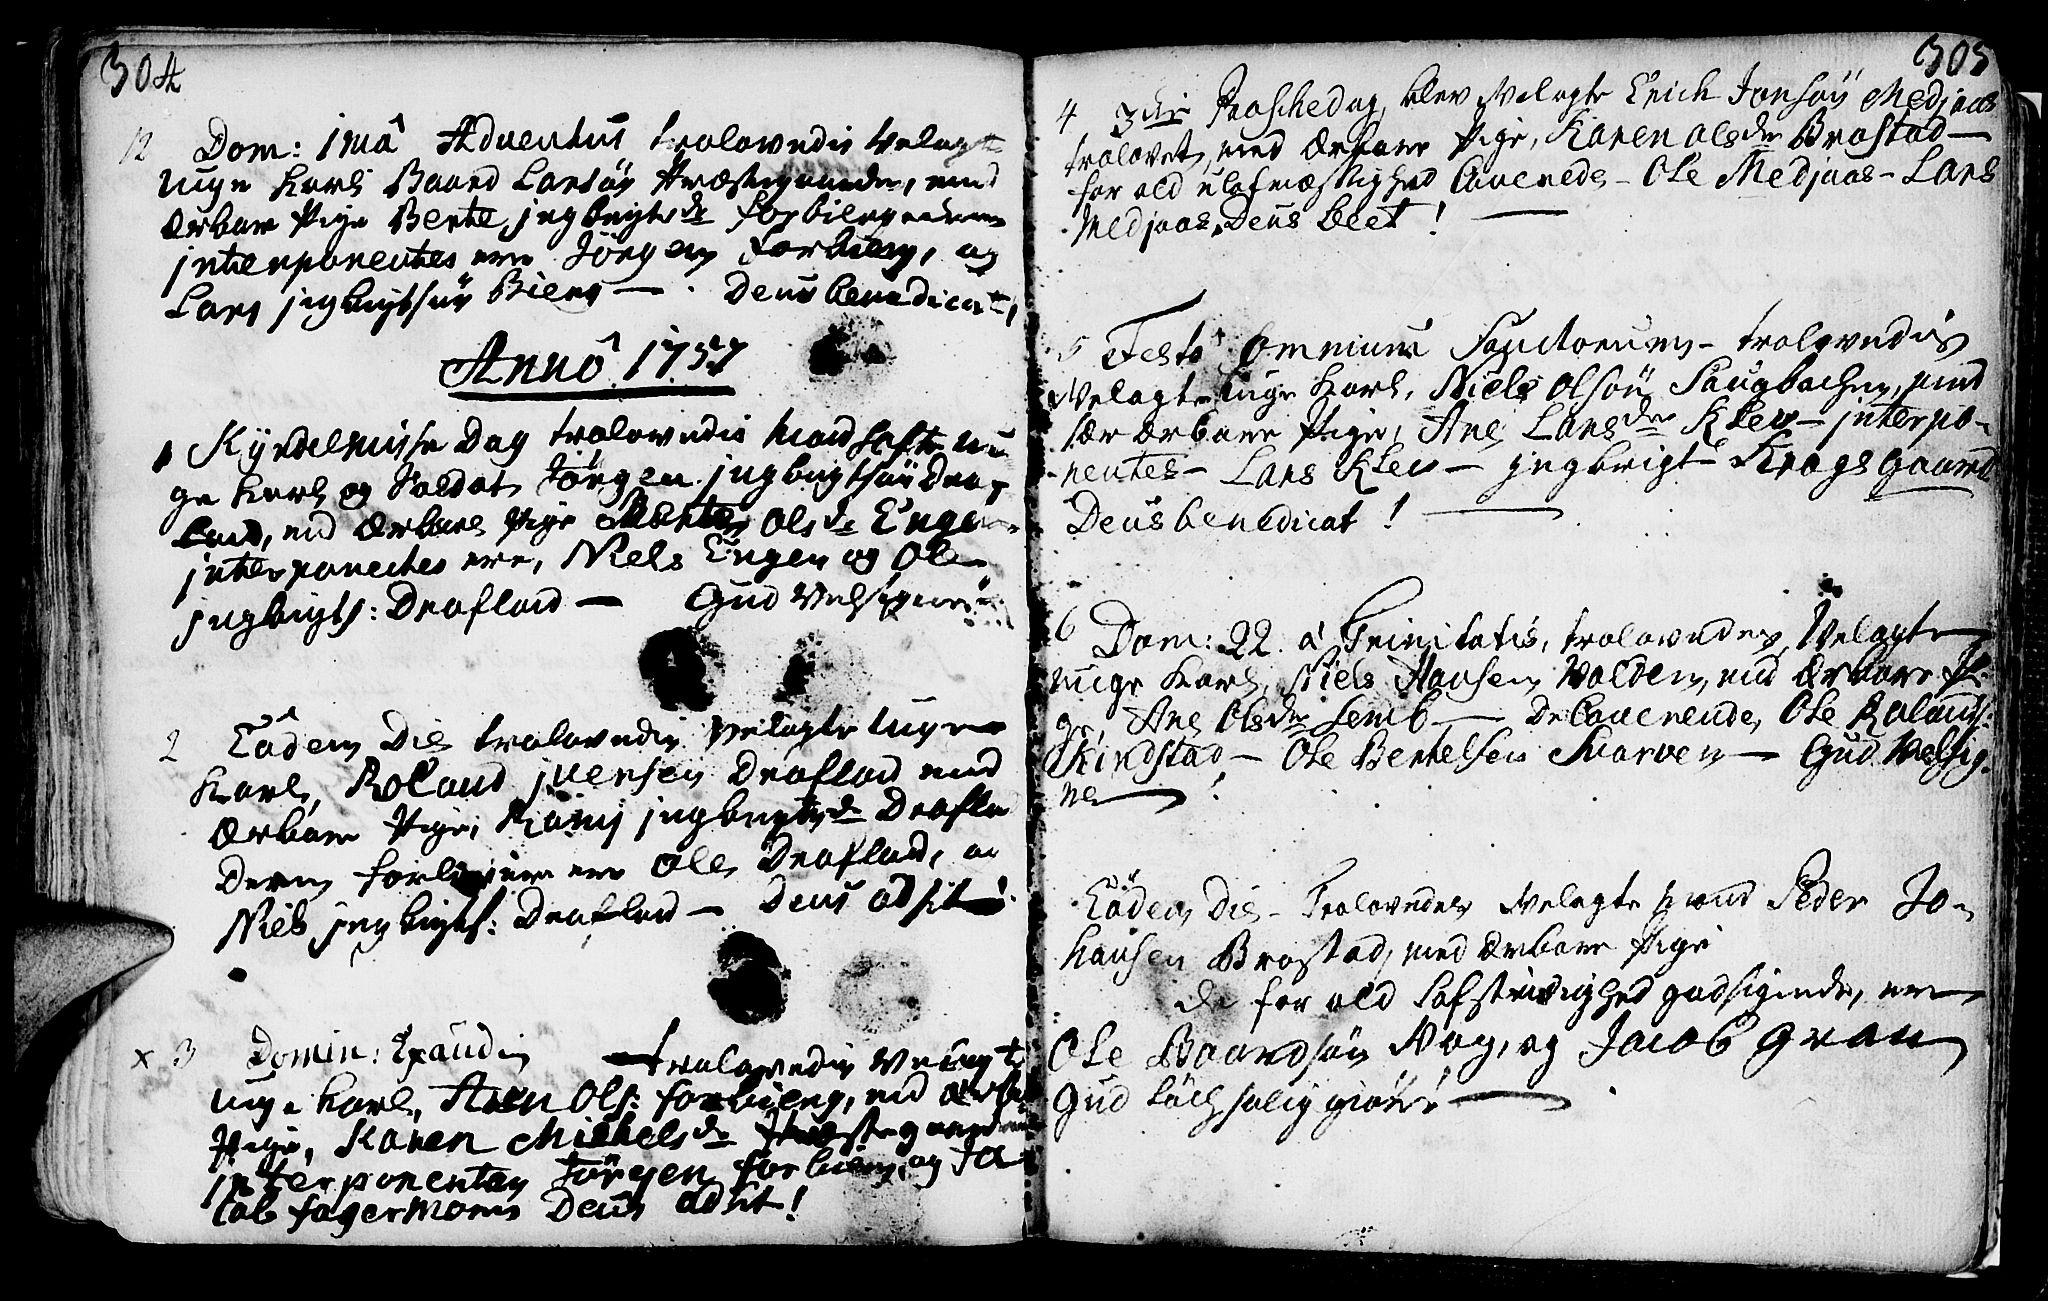 SAT, Ministerialprotokoller, klokkerbøker og fødselsregistre - Nord-Trøndelag, 749/L0467: Ministerialbok nr. 749A01, 1733-1787, s. 304-305